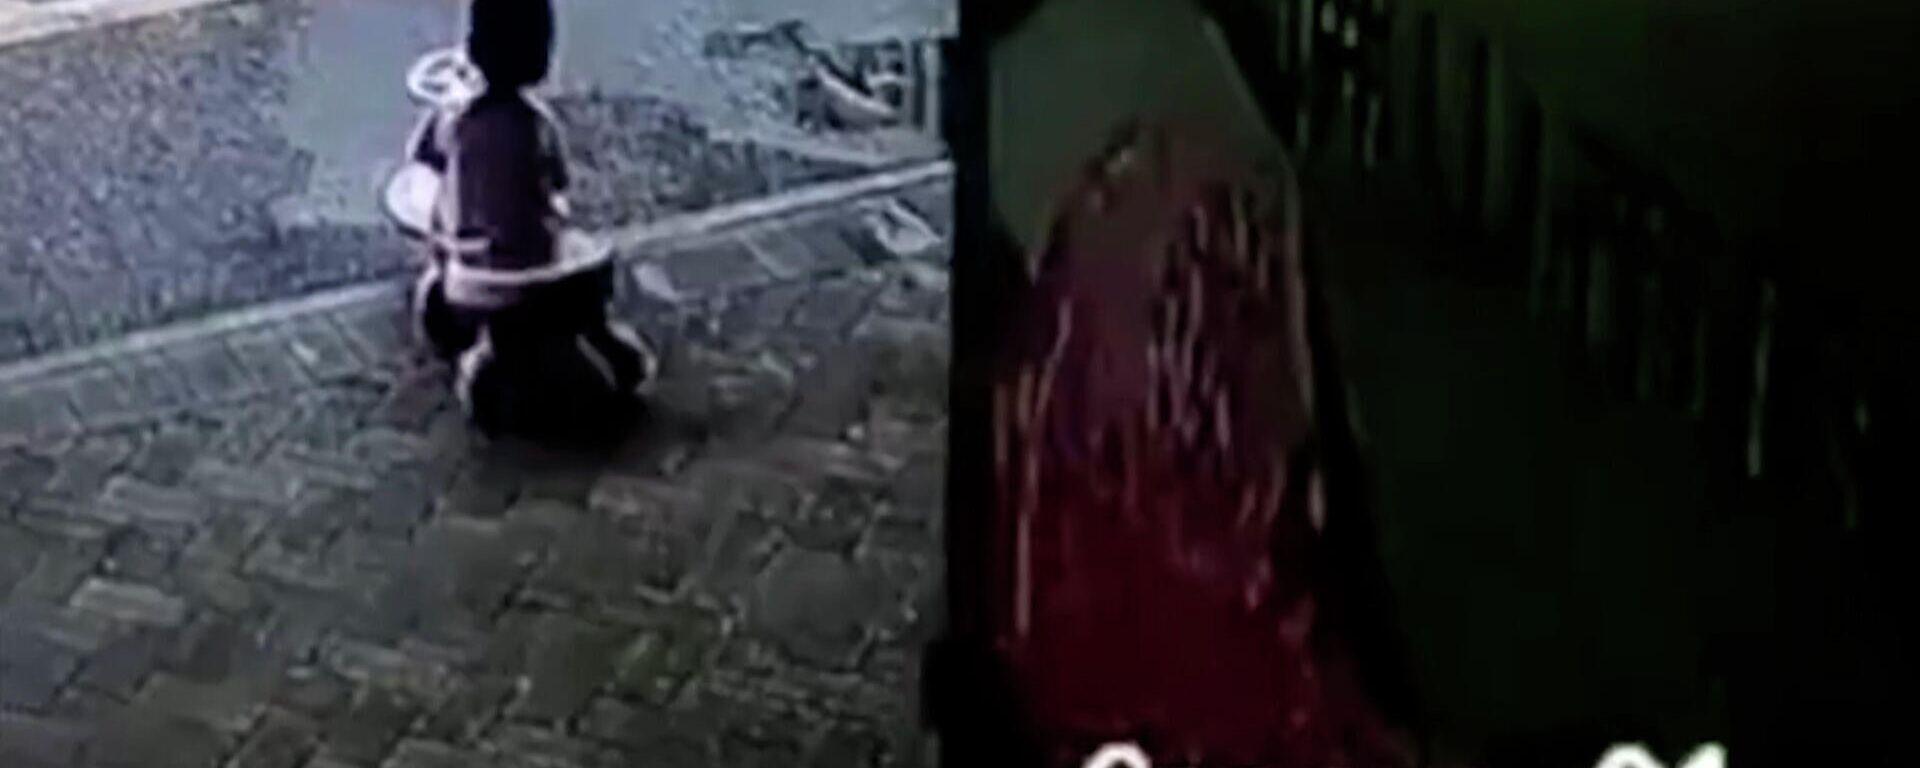 Παραλίγο τραγωδία: Κοριτσάκι σώθηκε από θαύμα από φορτηγάκι που έκανε όπισθεν στην Κίνα - Sputnik Ελλάδα, 1920, 24.08.2021